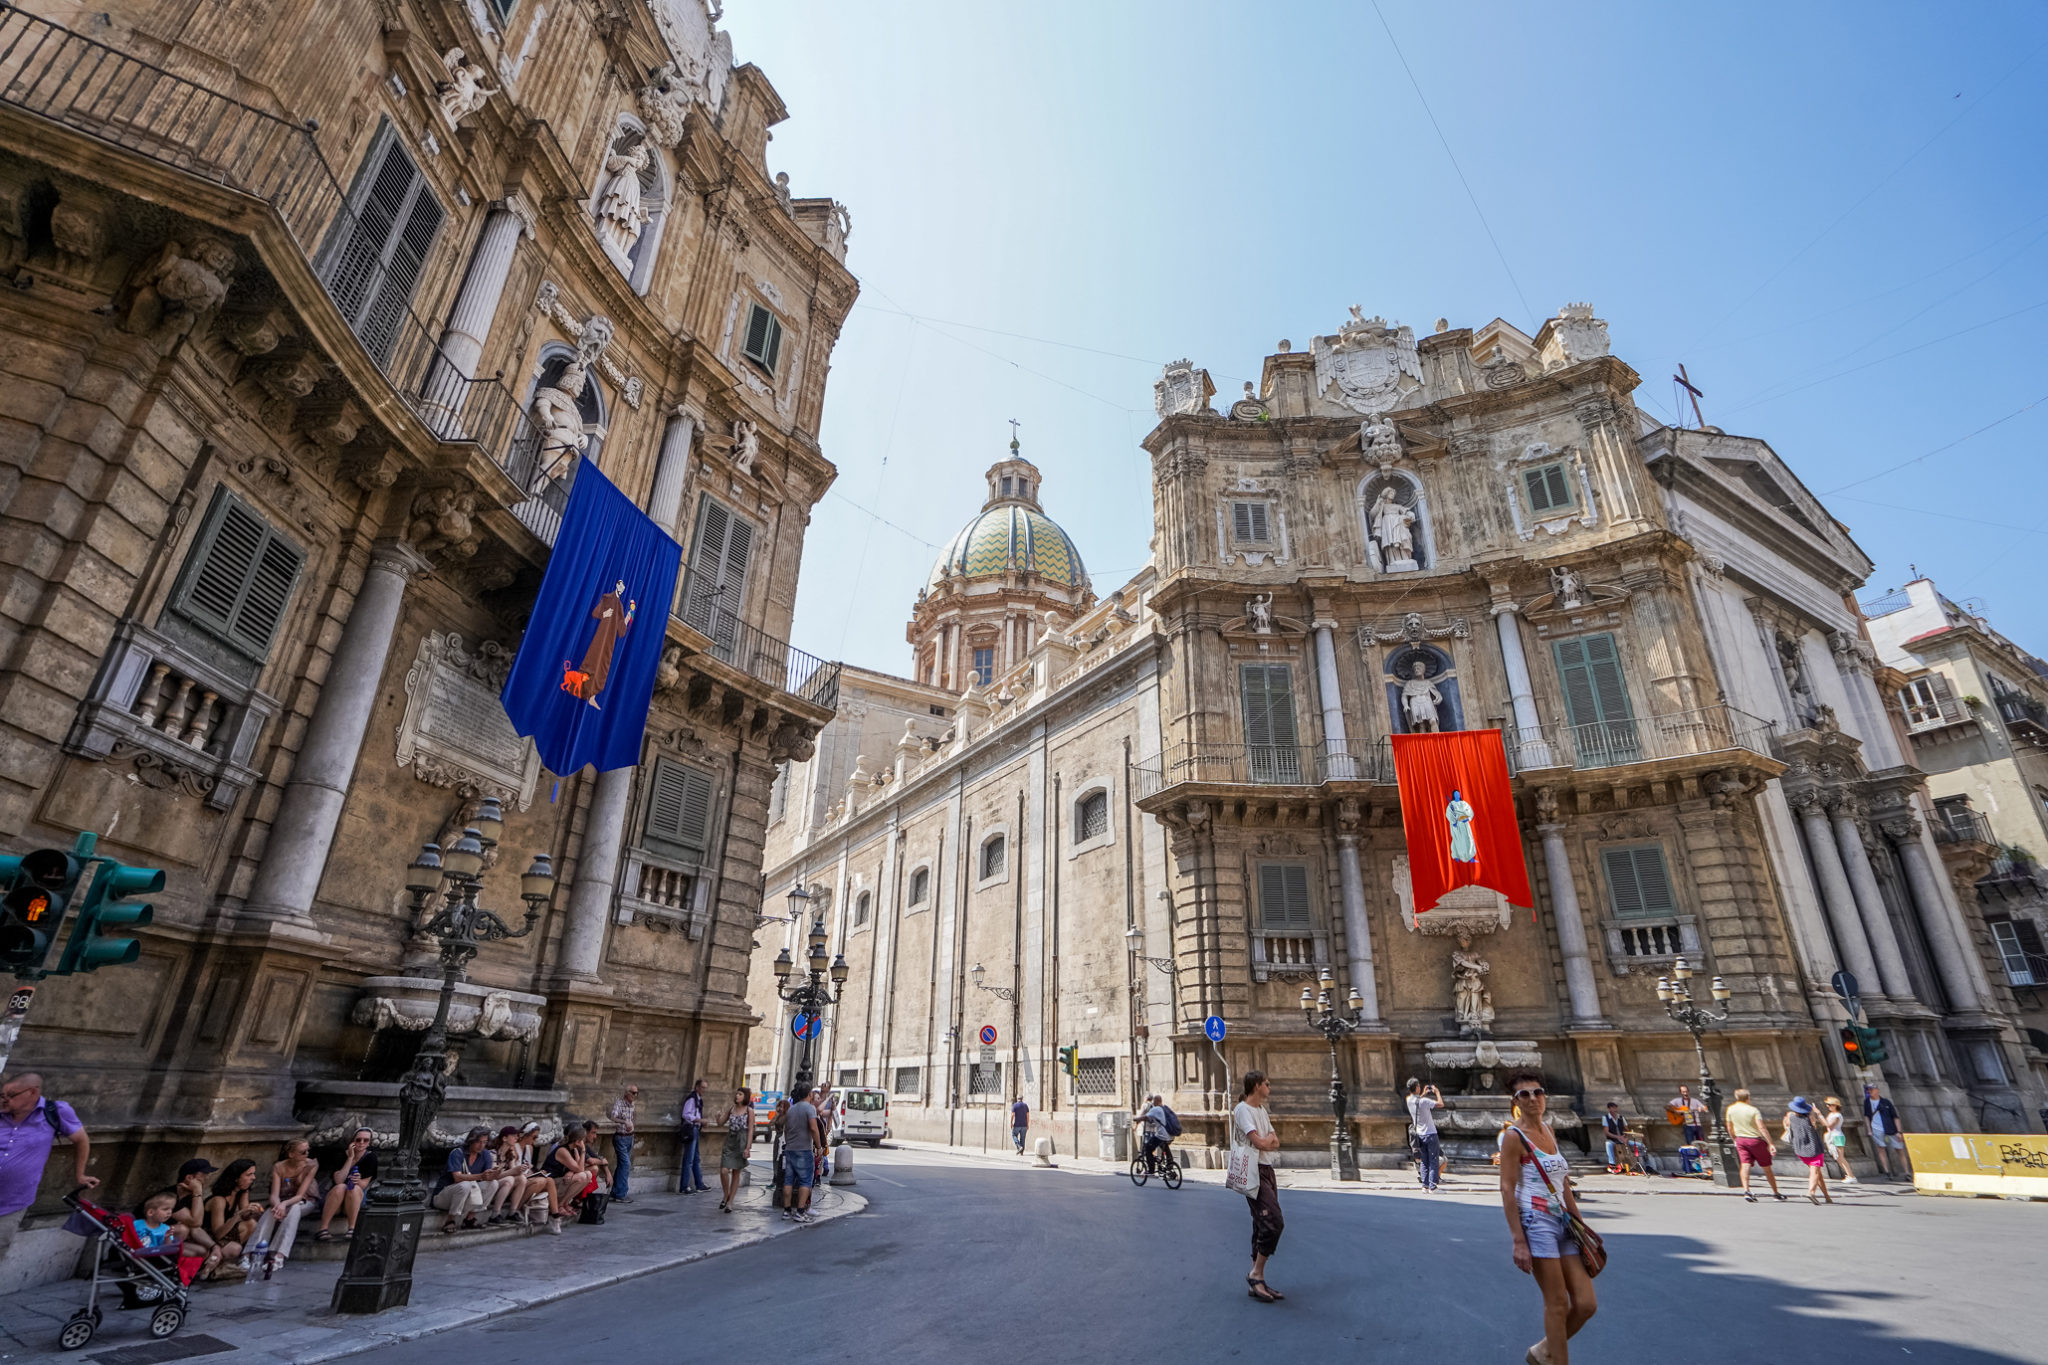 italie-sicile-palerme-visite-quattro-canti-place